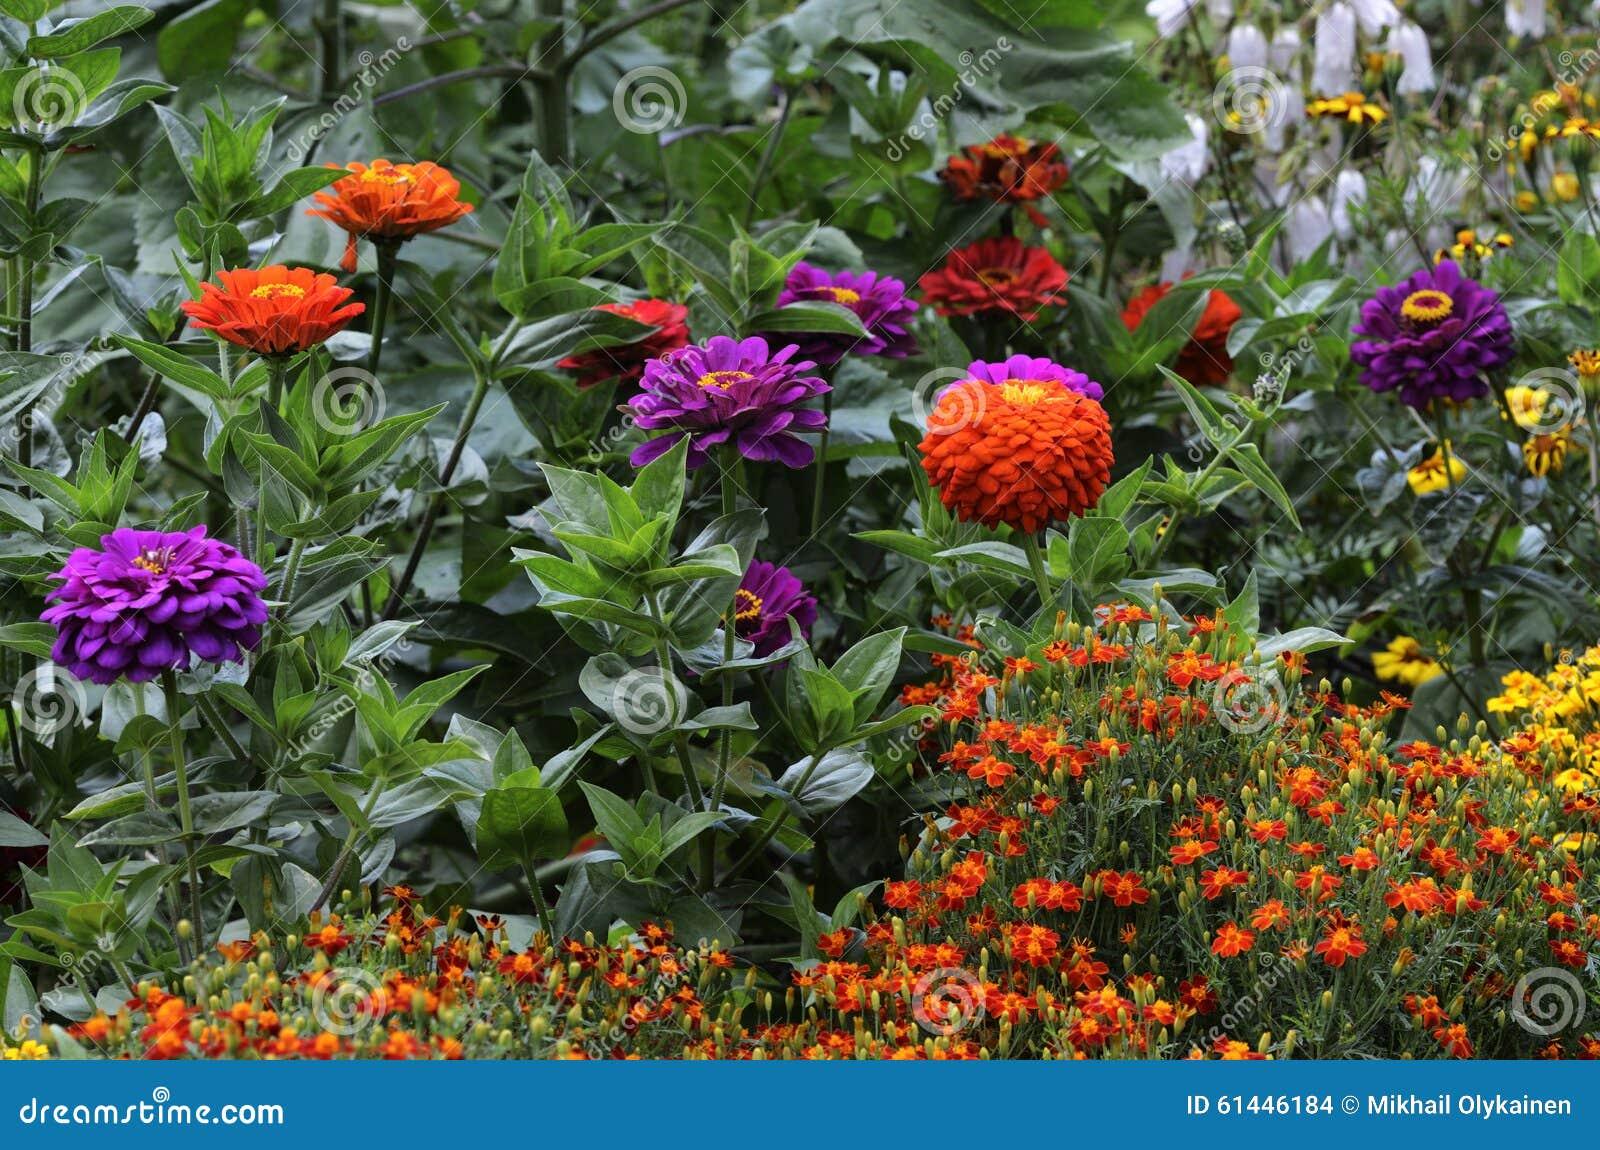 fotos jardim horizontal : fotos jardim horizontal: De Flores Colorido Bonito No Jardim Foto de Stock – Imagem: 61446184